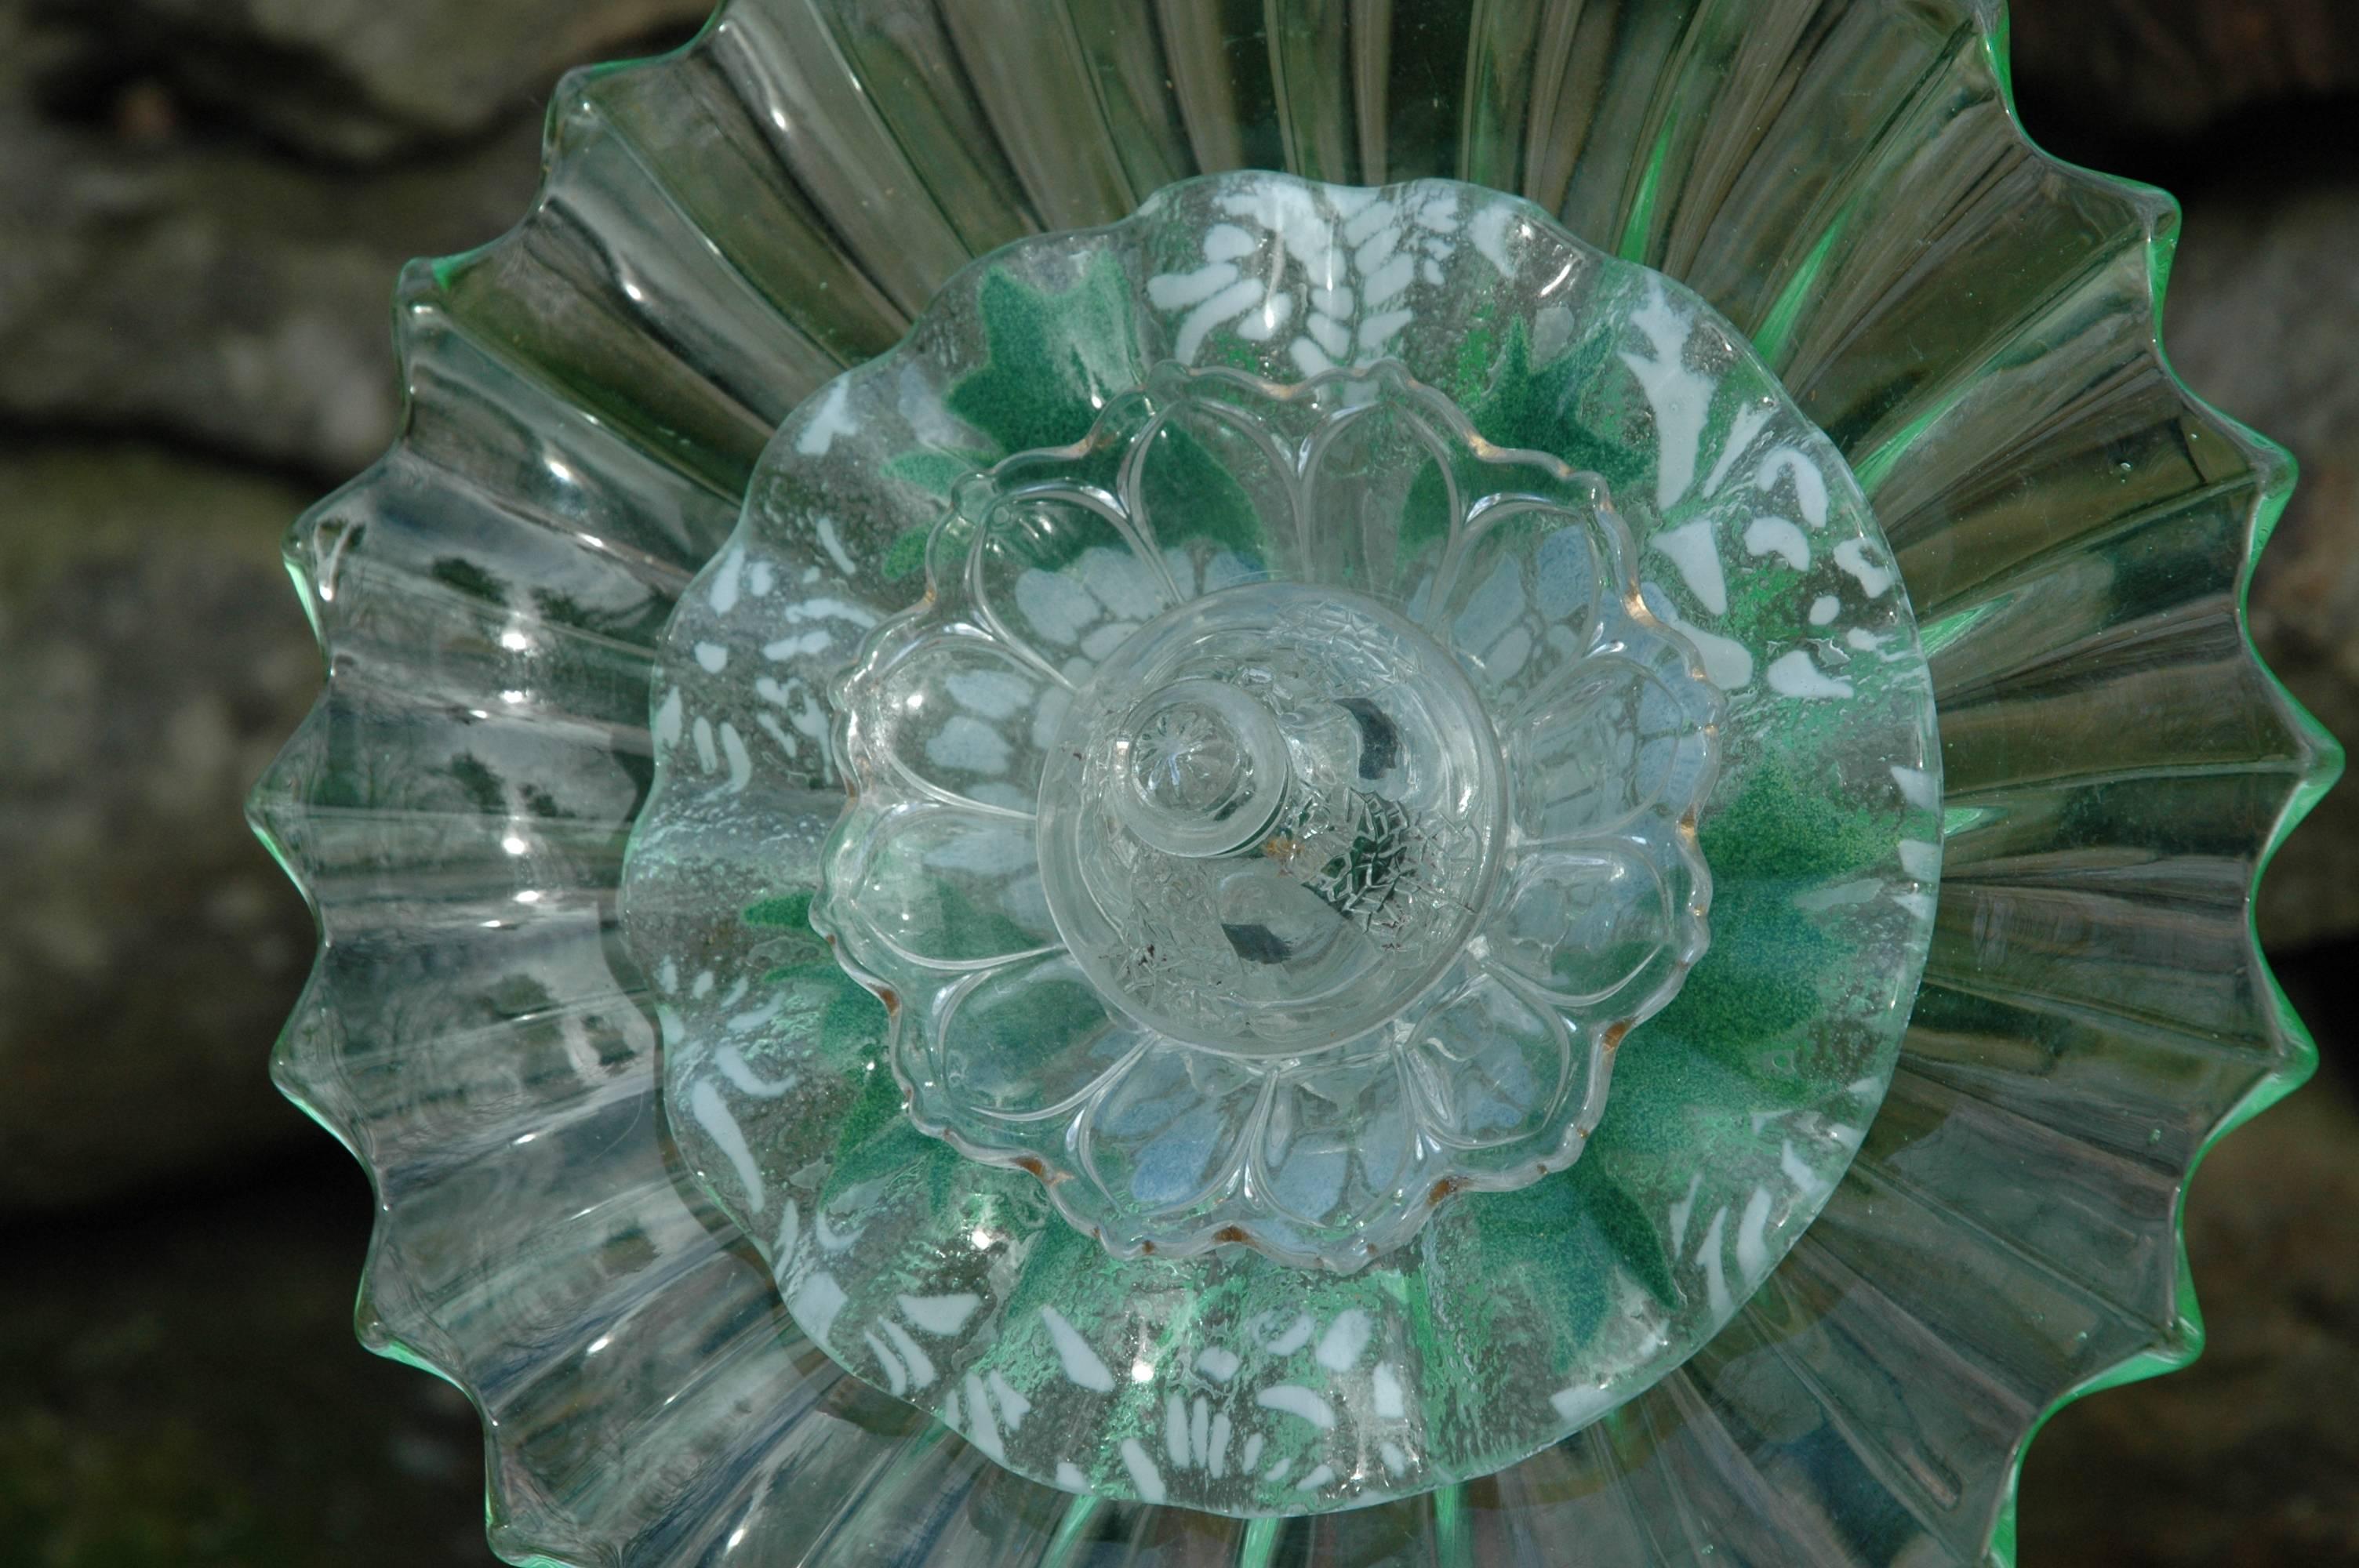 457 - Flower Bomb - $85 - At Artisan's Corner